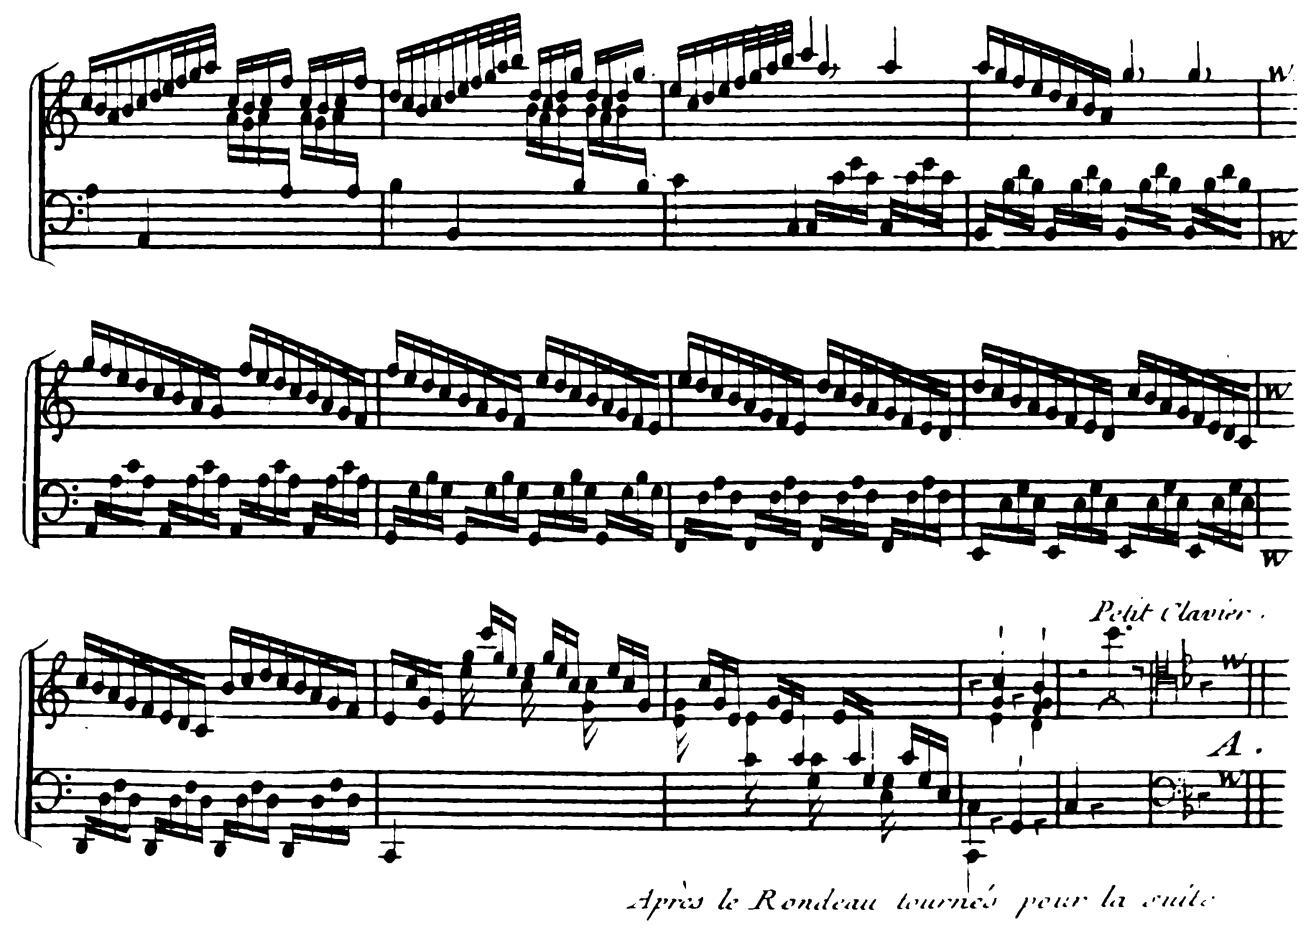 Harpsichord Pieces, Book 4, Suite 20, No.8:  Les Tambourins 1. Rondeau